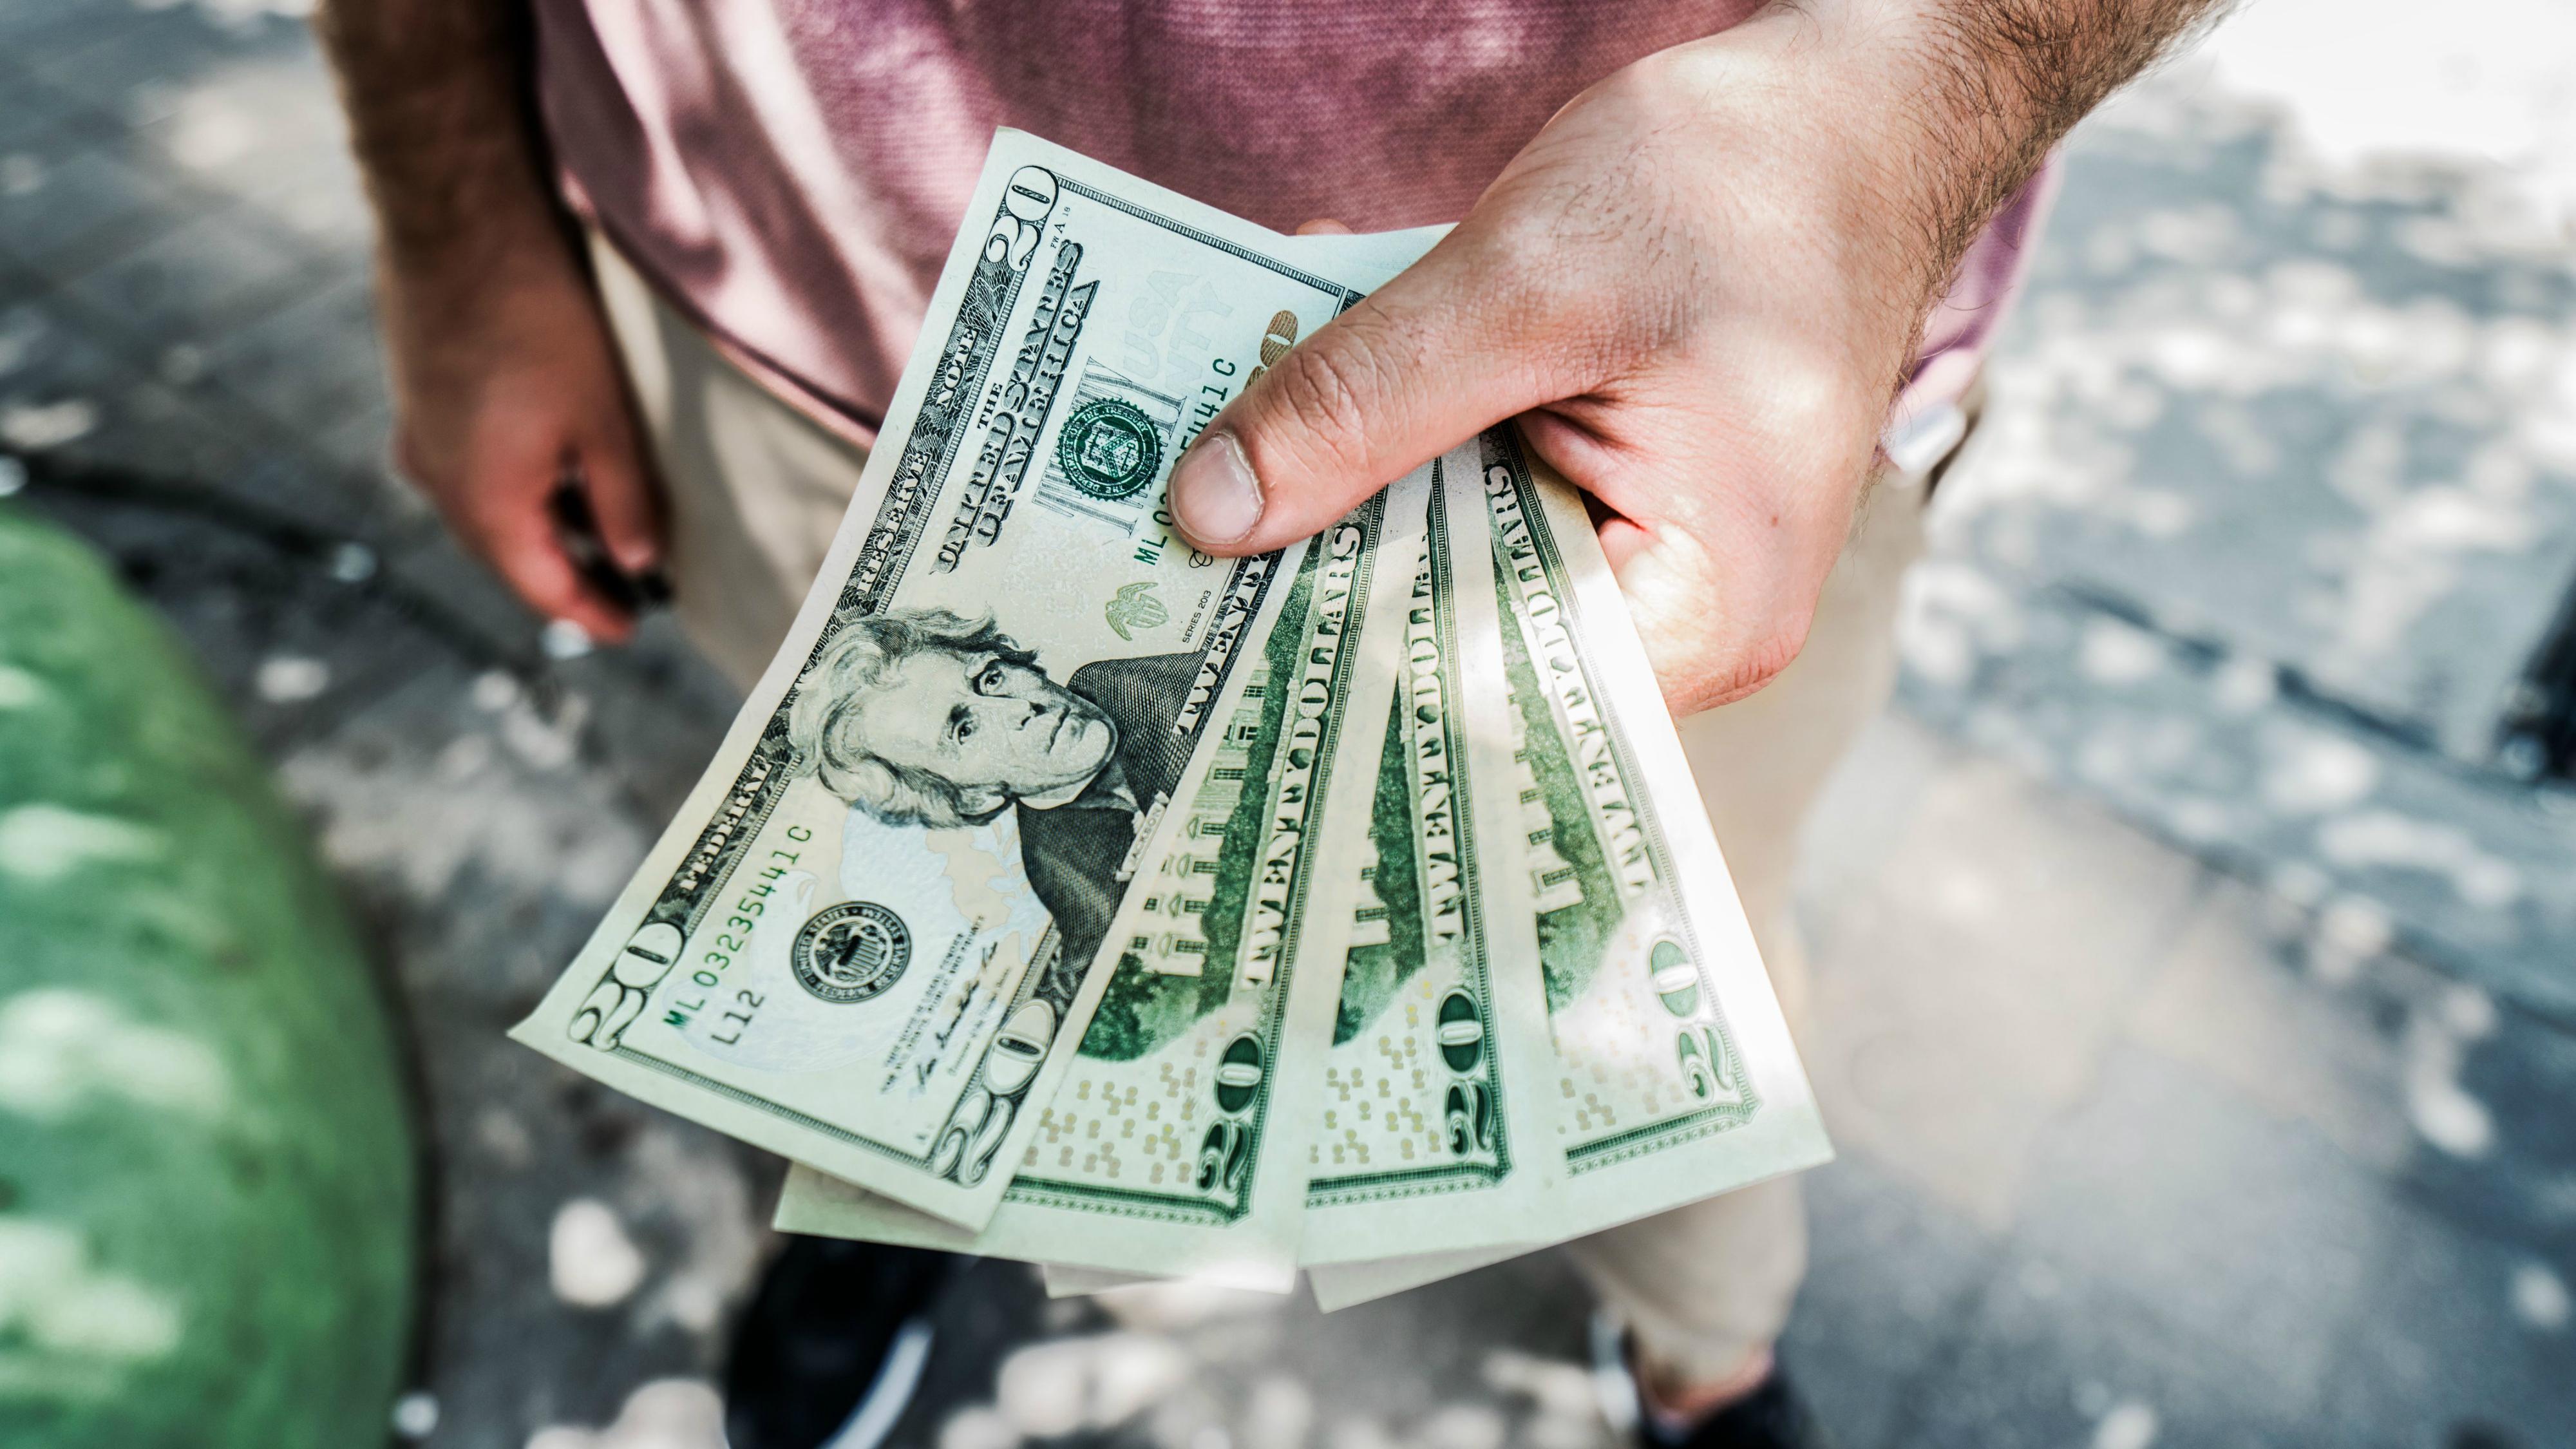 jaunas tehnoloģijas, lai nopelnītu naudu